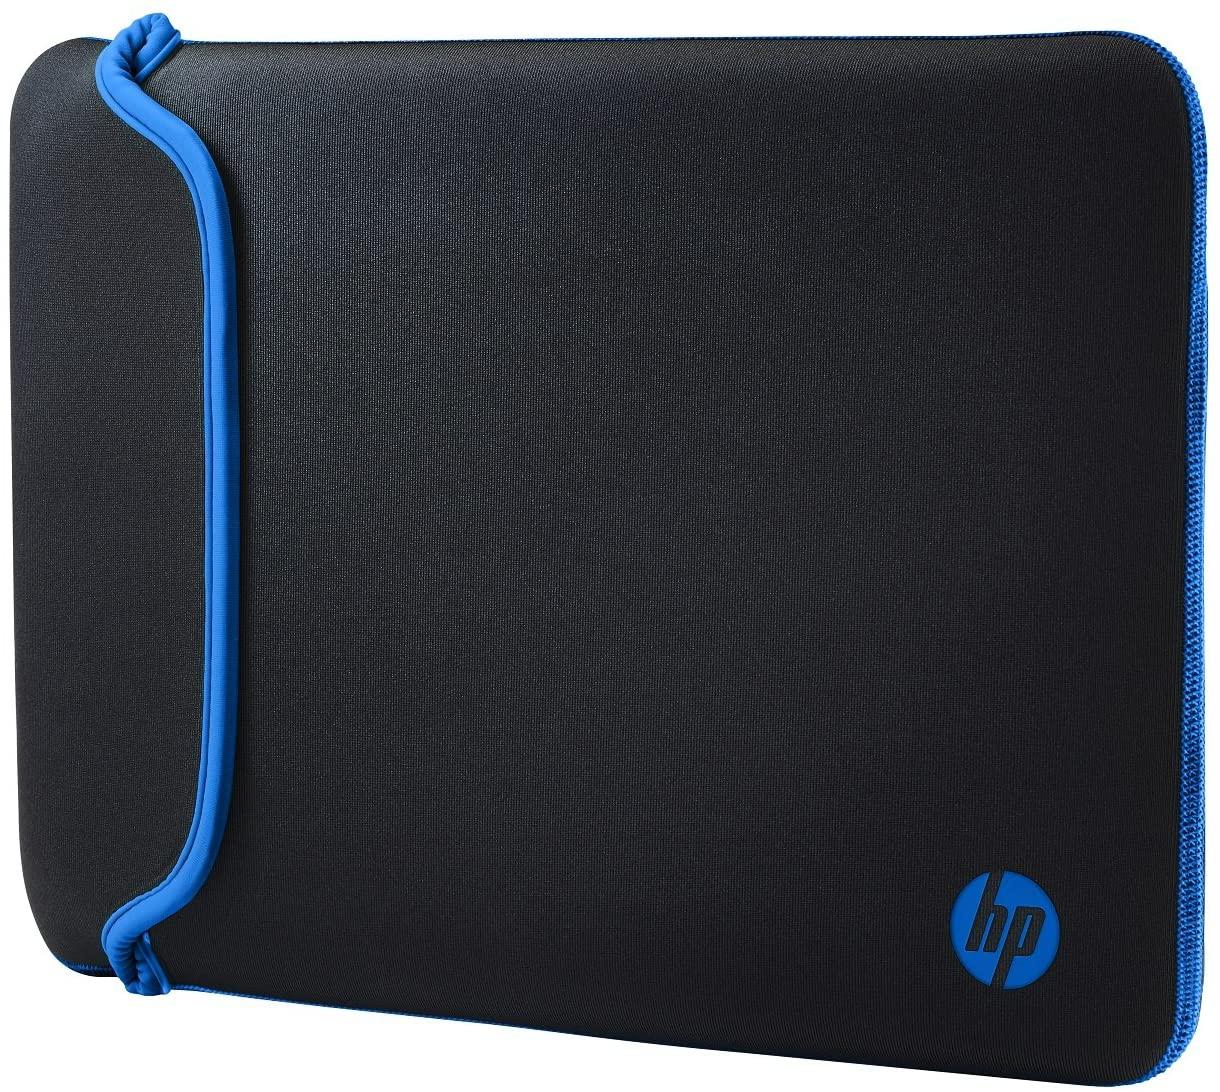 """Housse de Protection Réversible HP pour Ordinateur Portable 14"""" (Néoprène) - Noir/Bleu"""